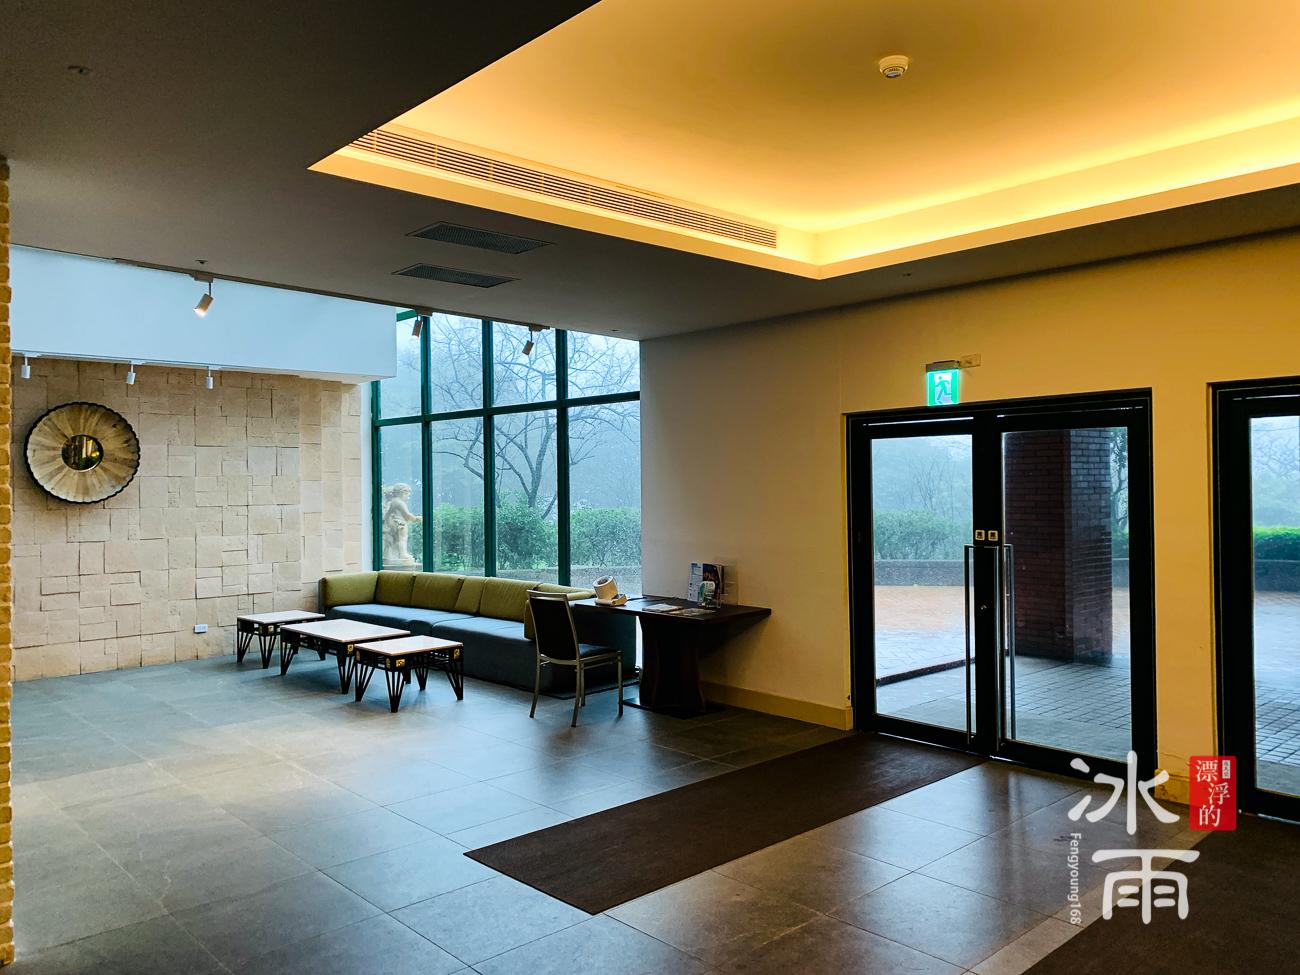 陽明山天籟渡假酒店|櫃檯前的風景